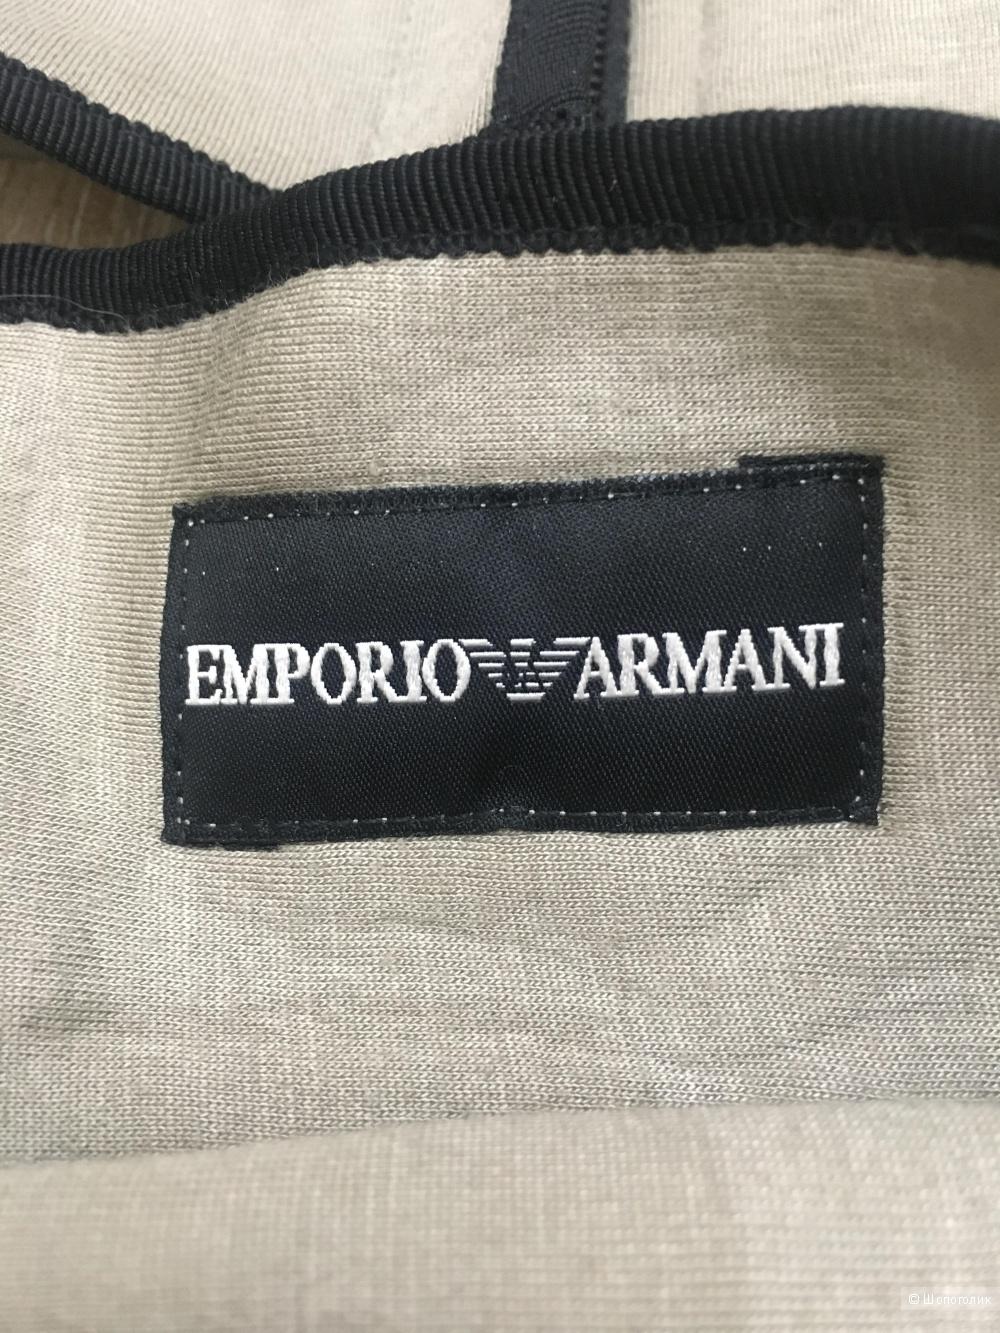 Костюм Emporio Armani  размер XS-S